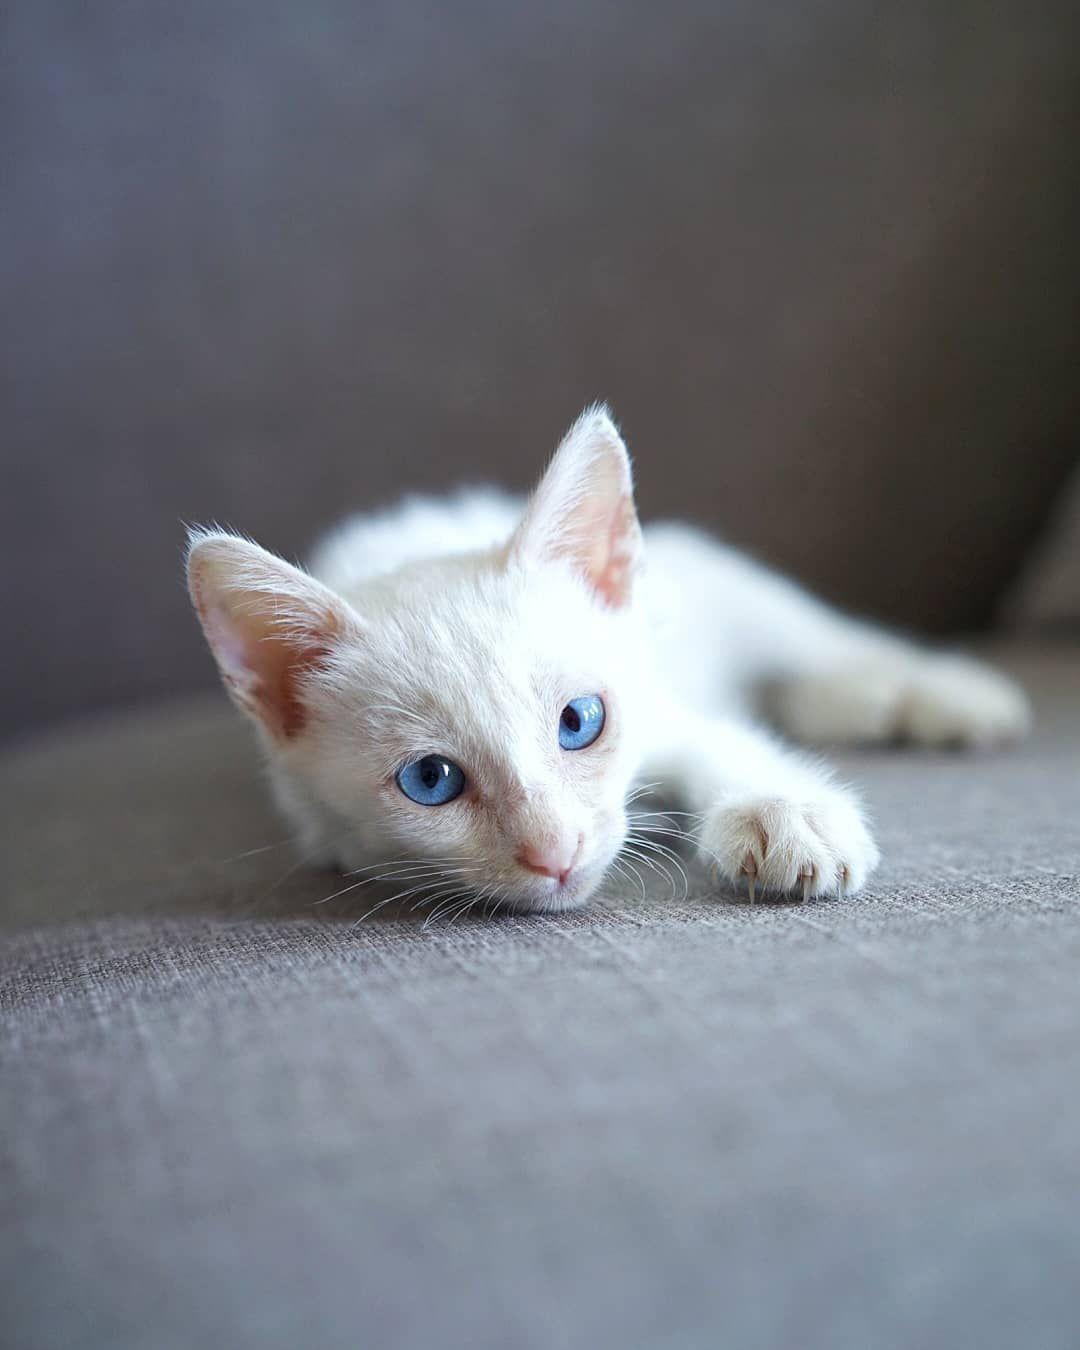 An albino kitten.